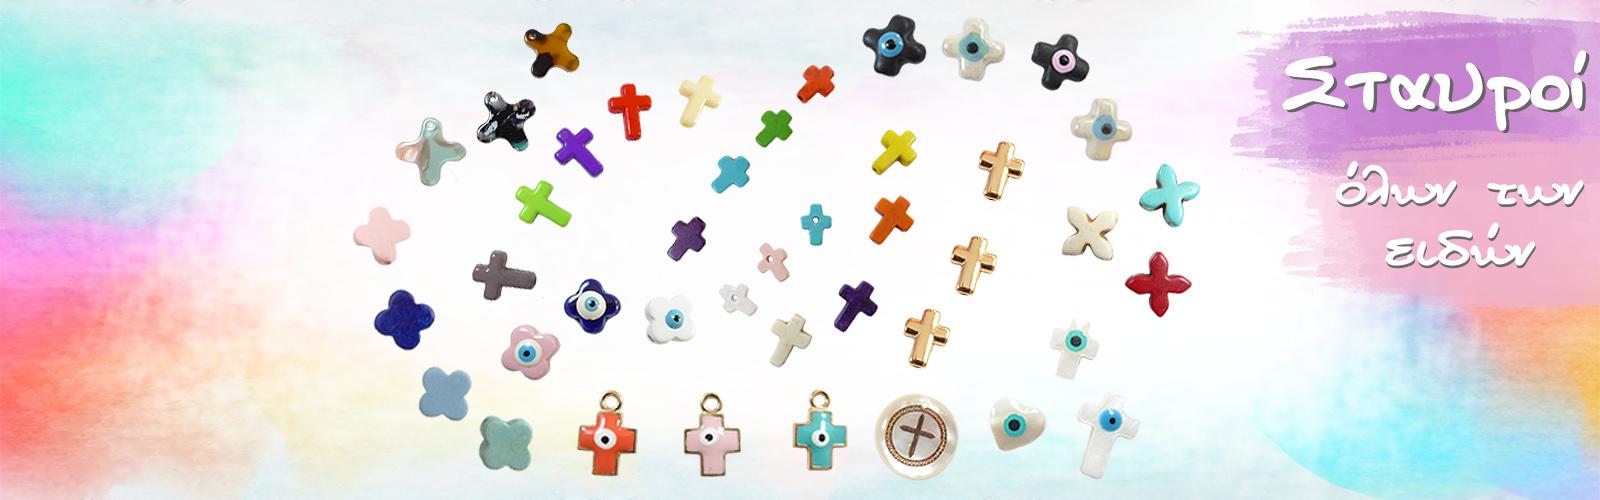 febfe1f90be Υλικά για κοσμήματα,χάντρες,αξεσουάρ,ένδυση - e-xantra.gr